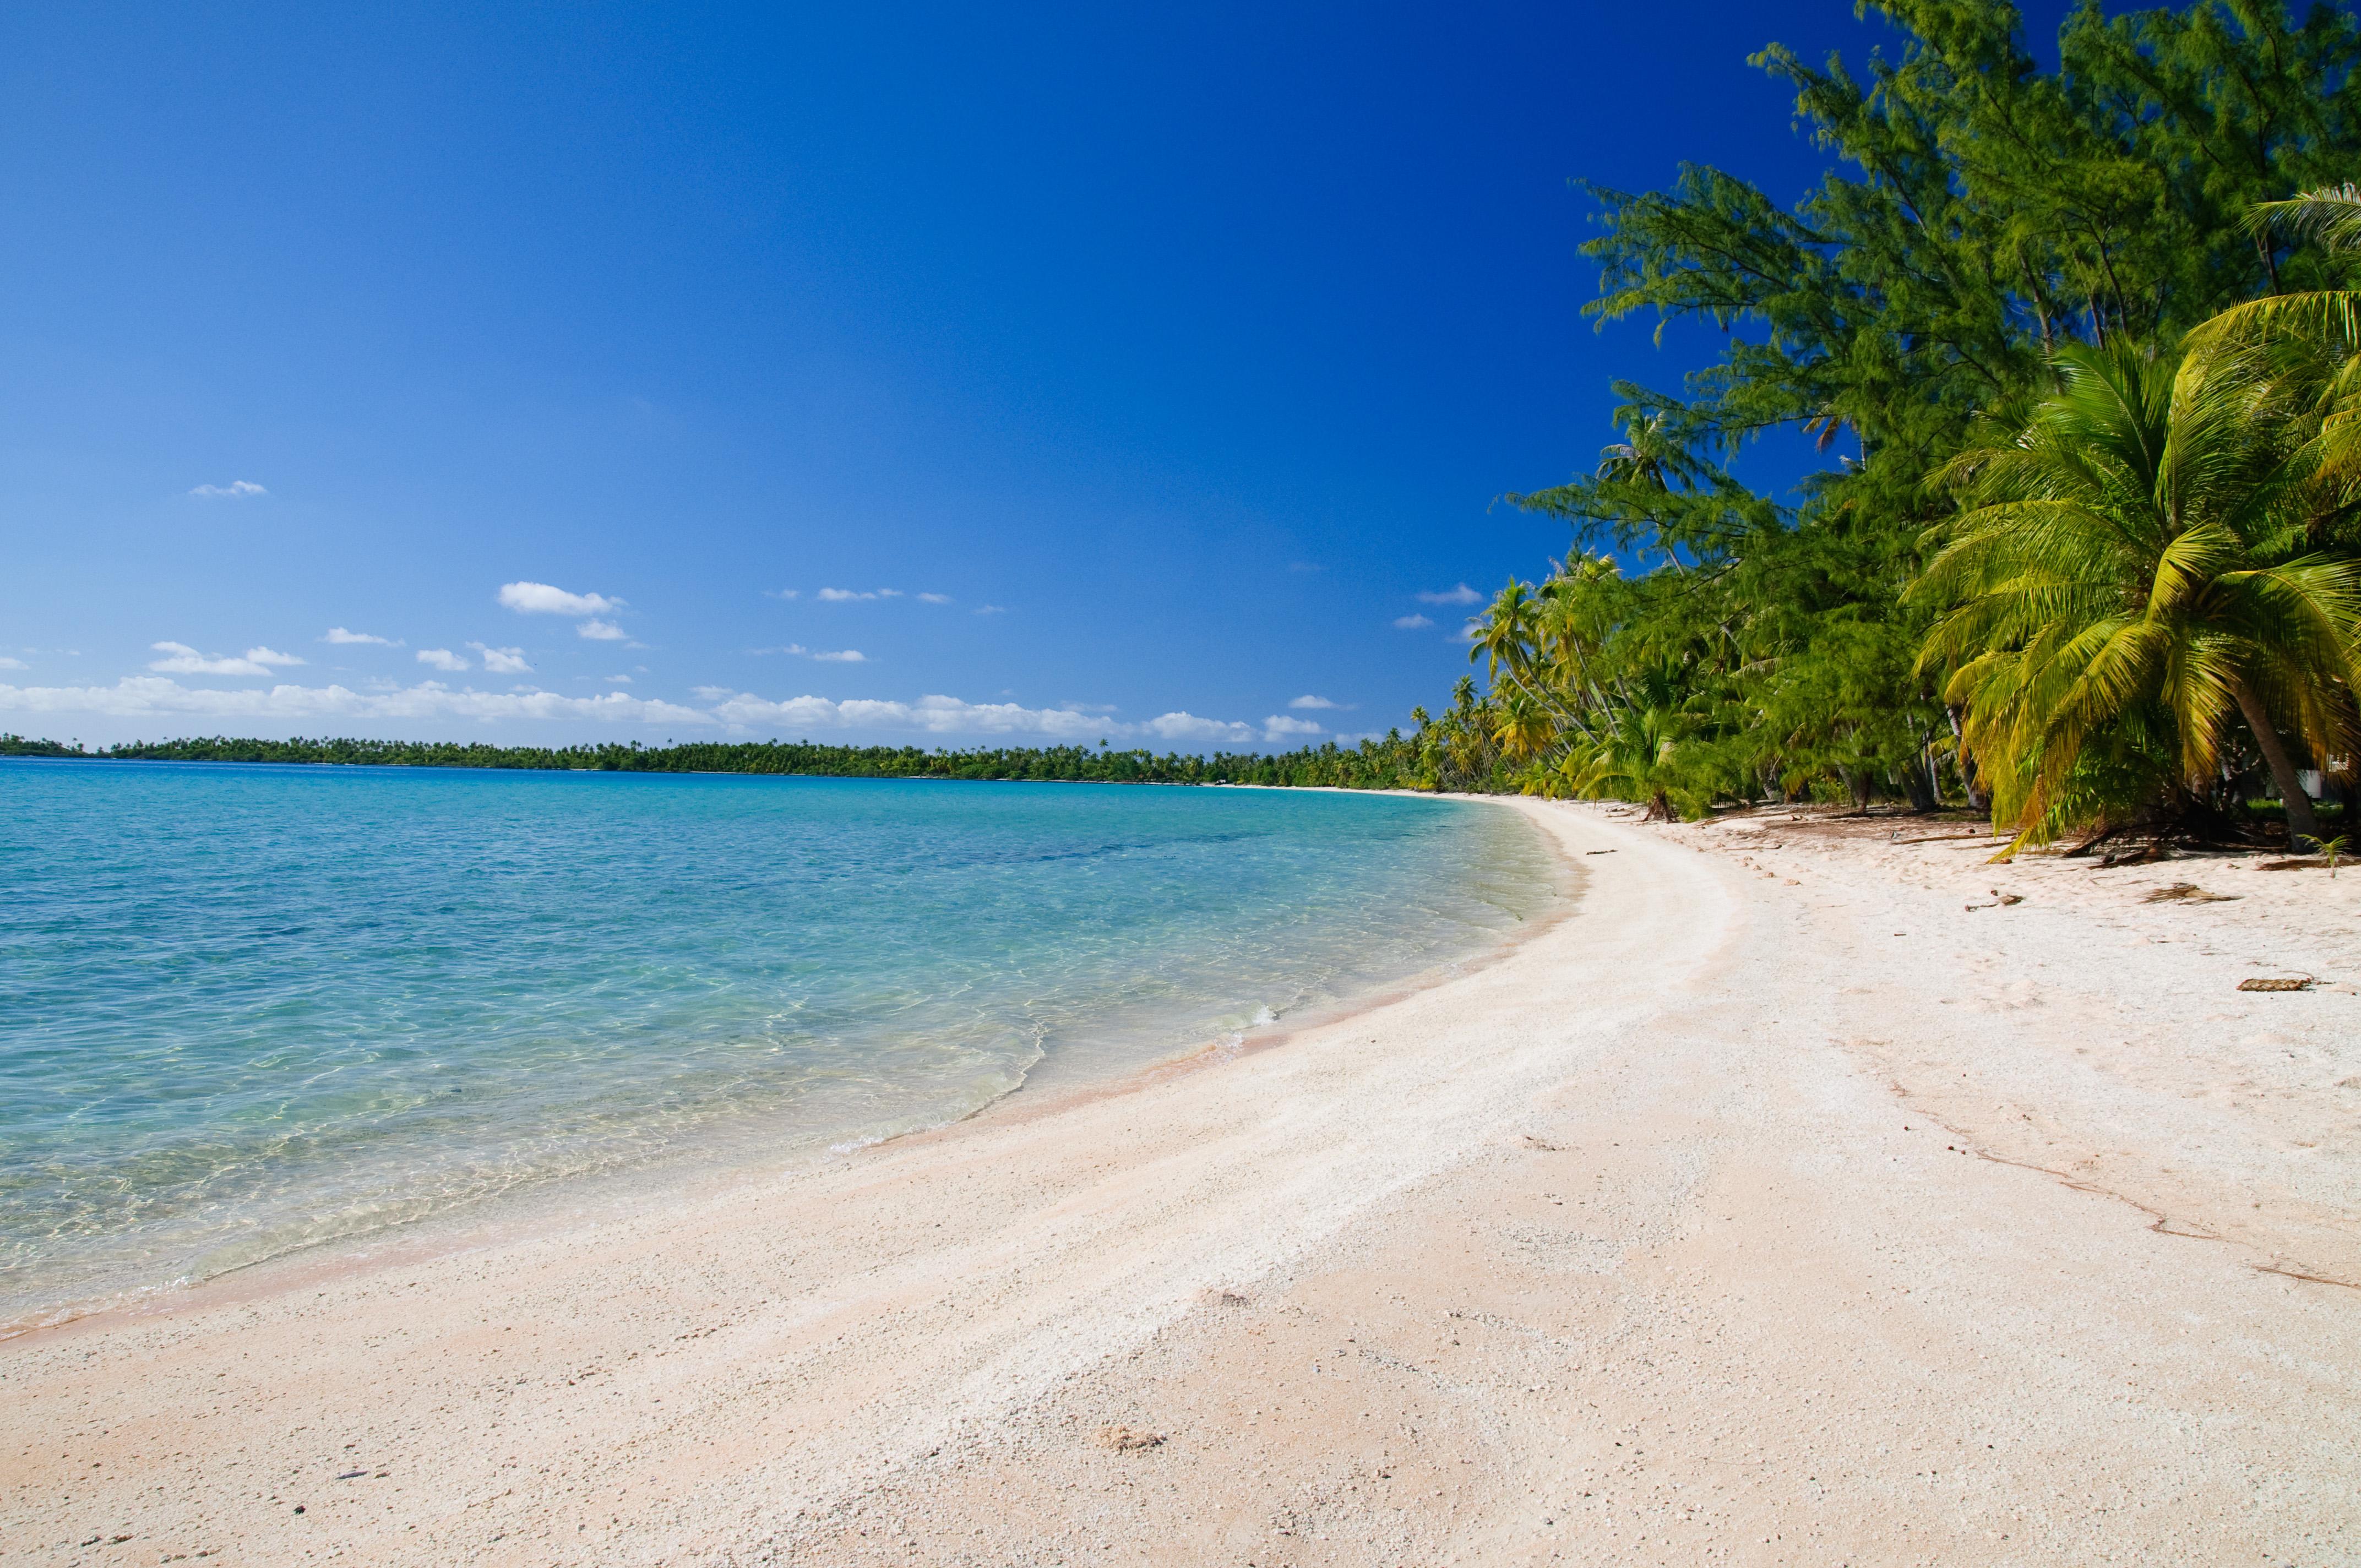 Картинки и фотографии пляжей